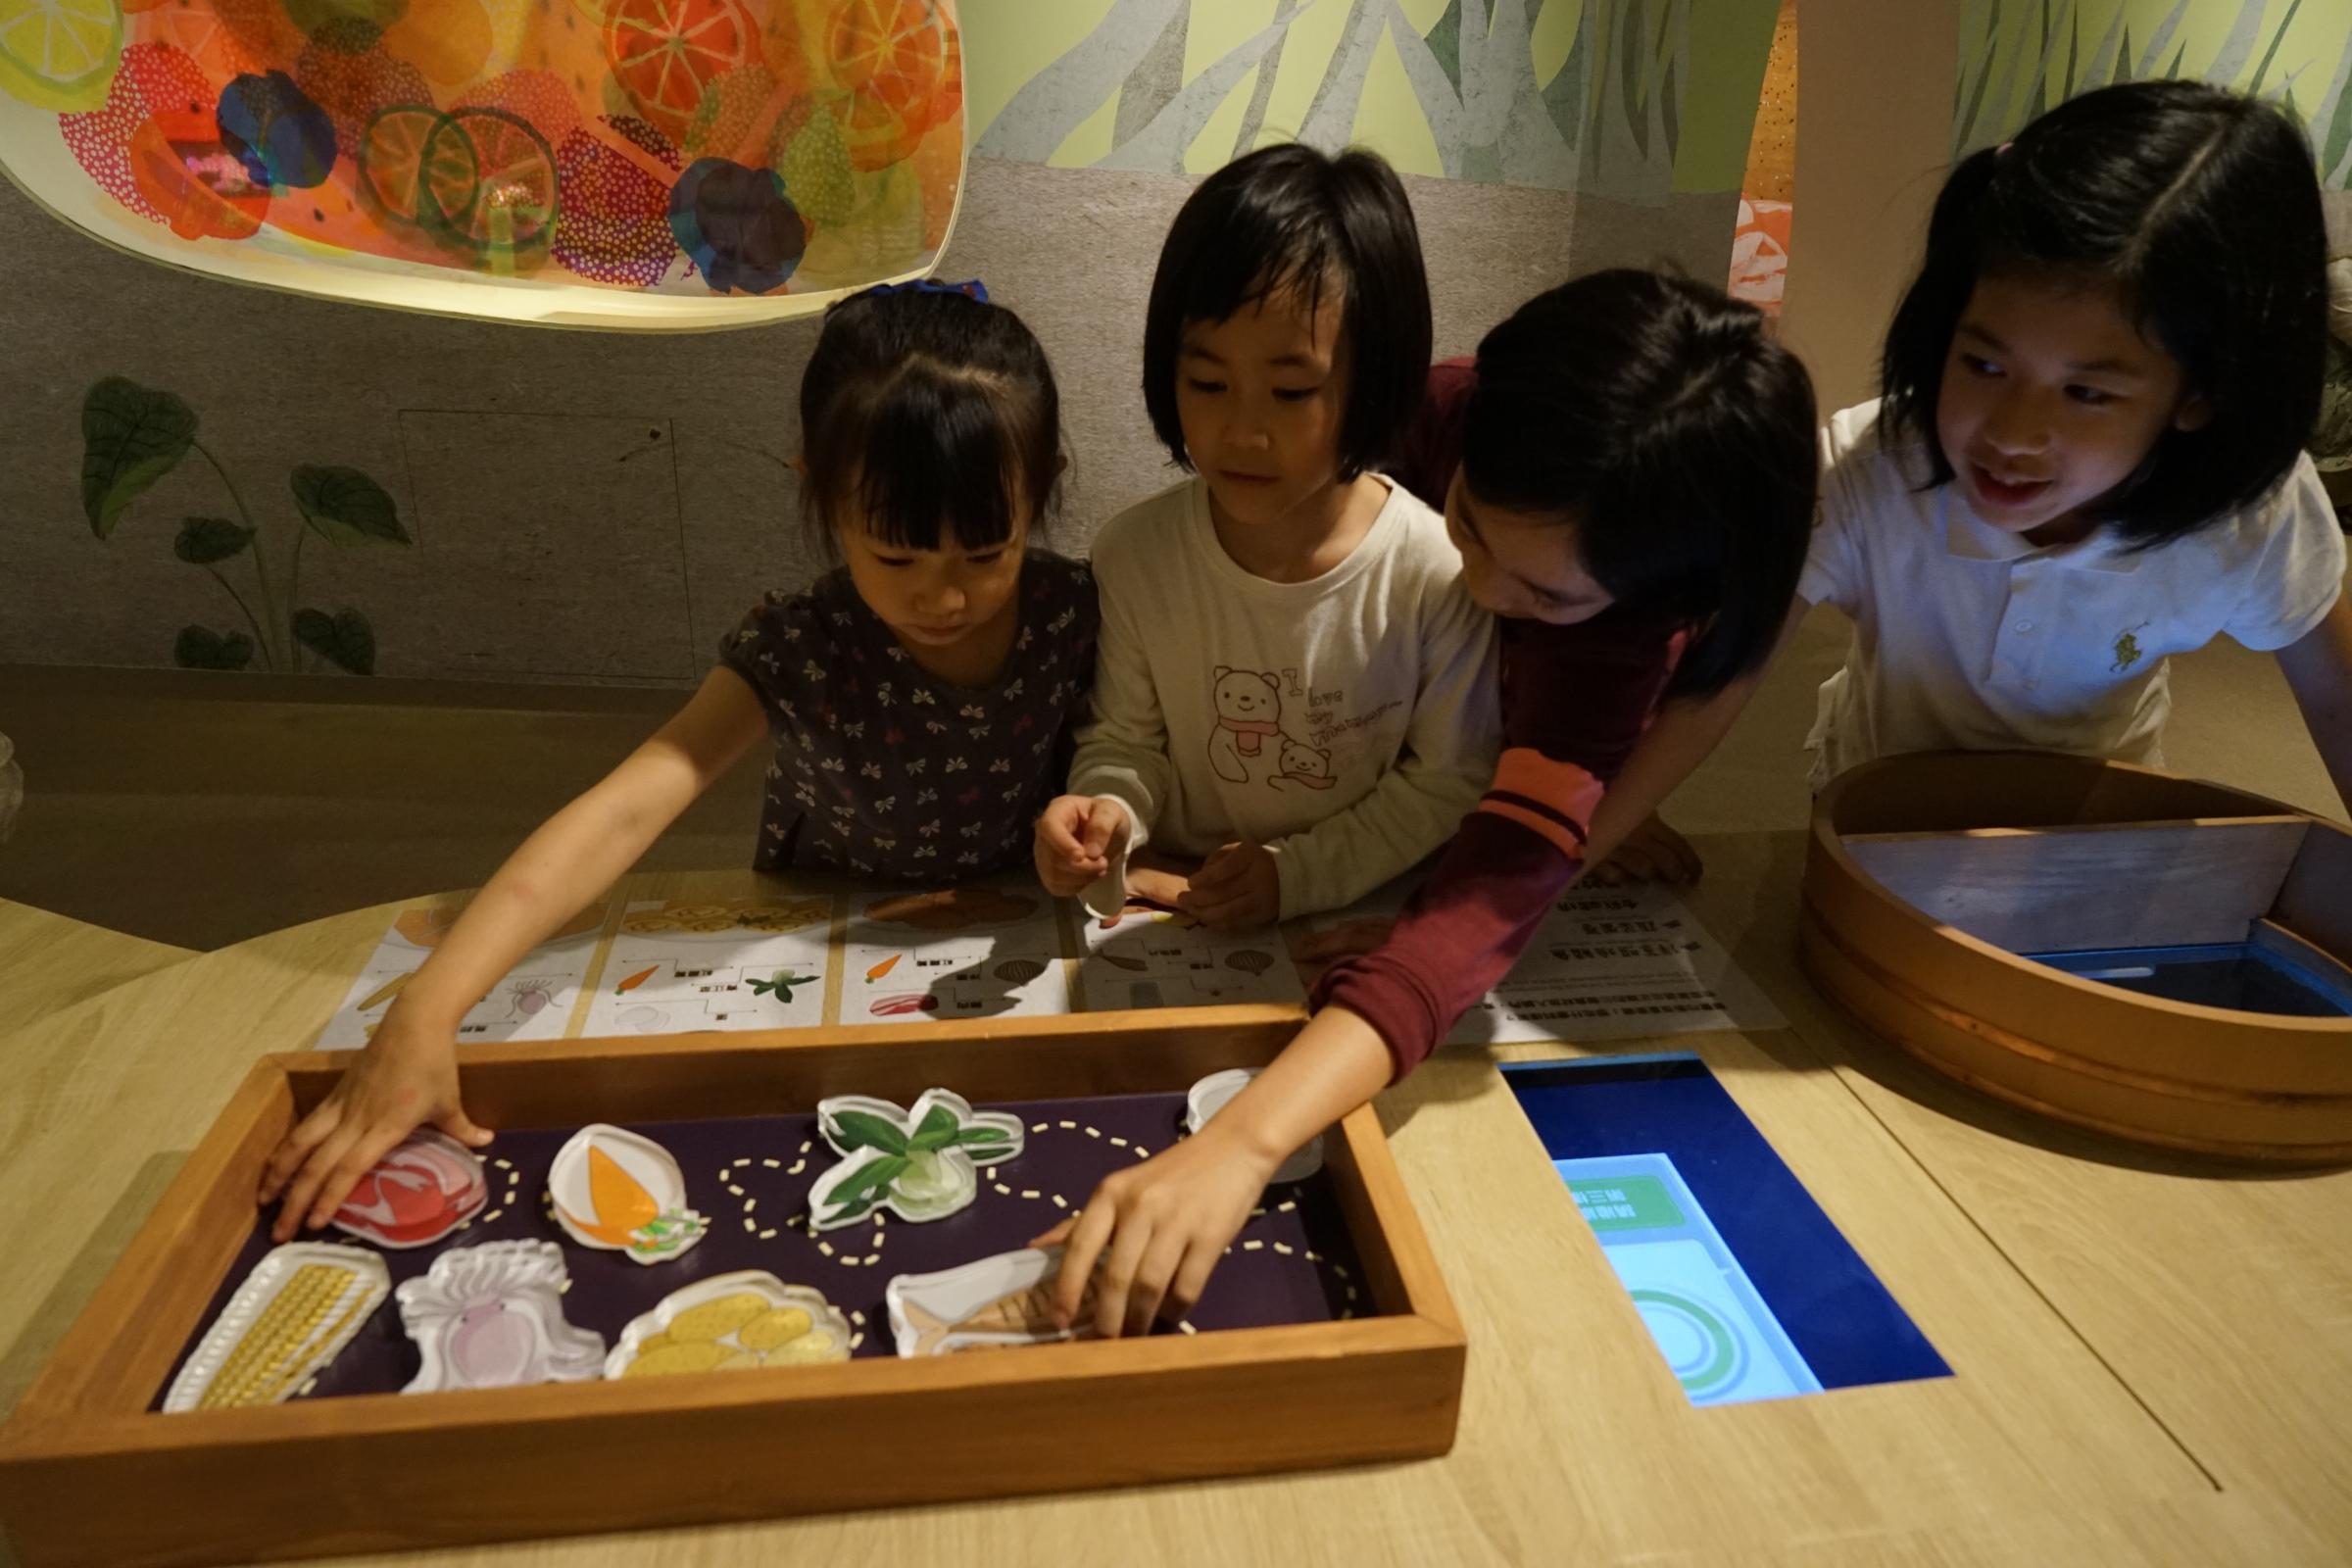 國立臺灣博物館南門園區童玩